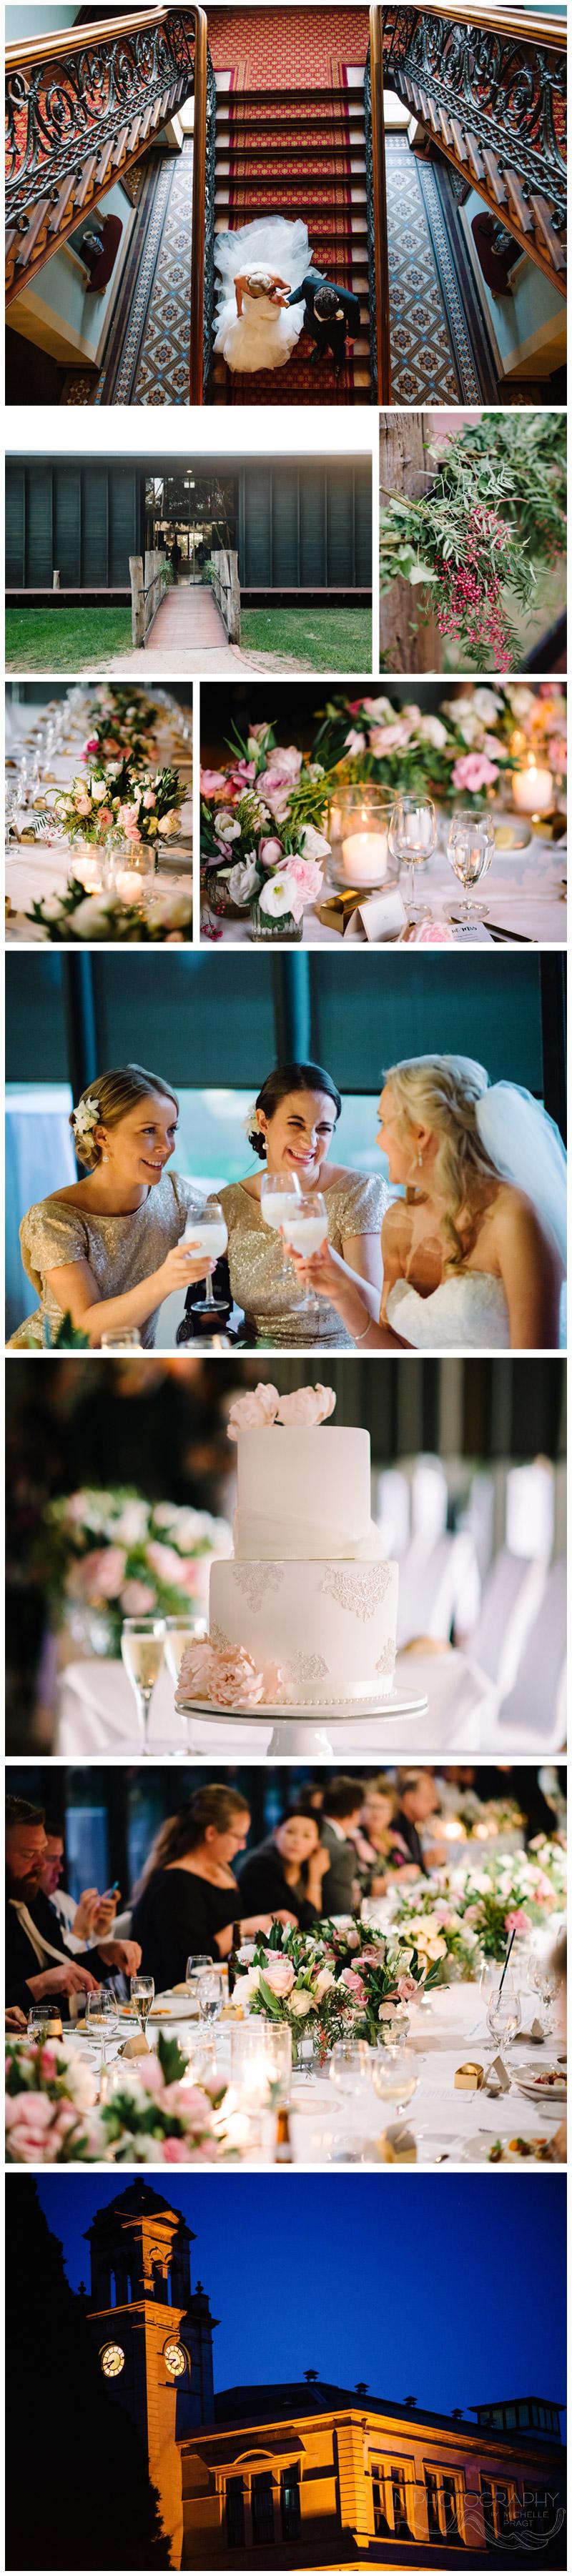 Shadowfax wedding reception